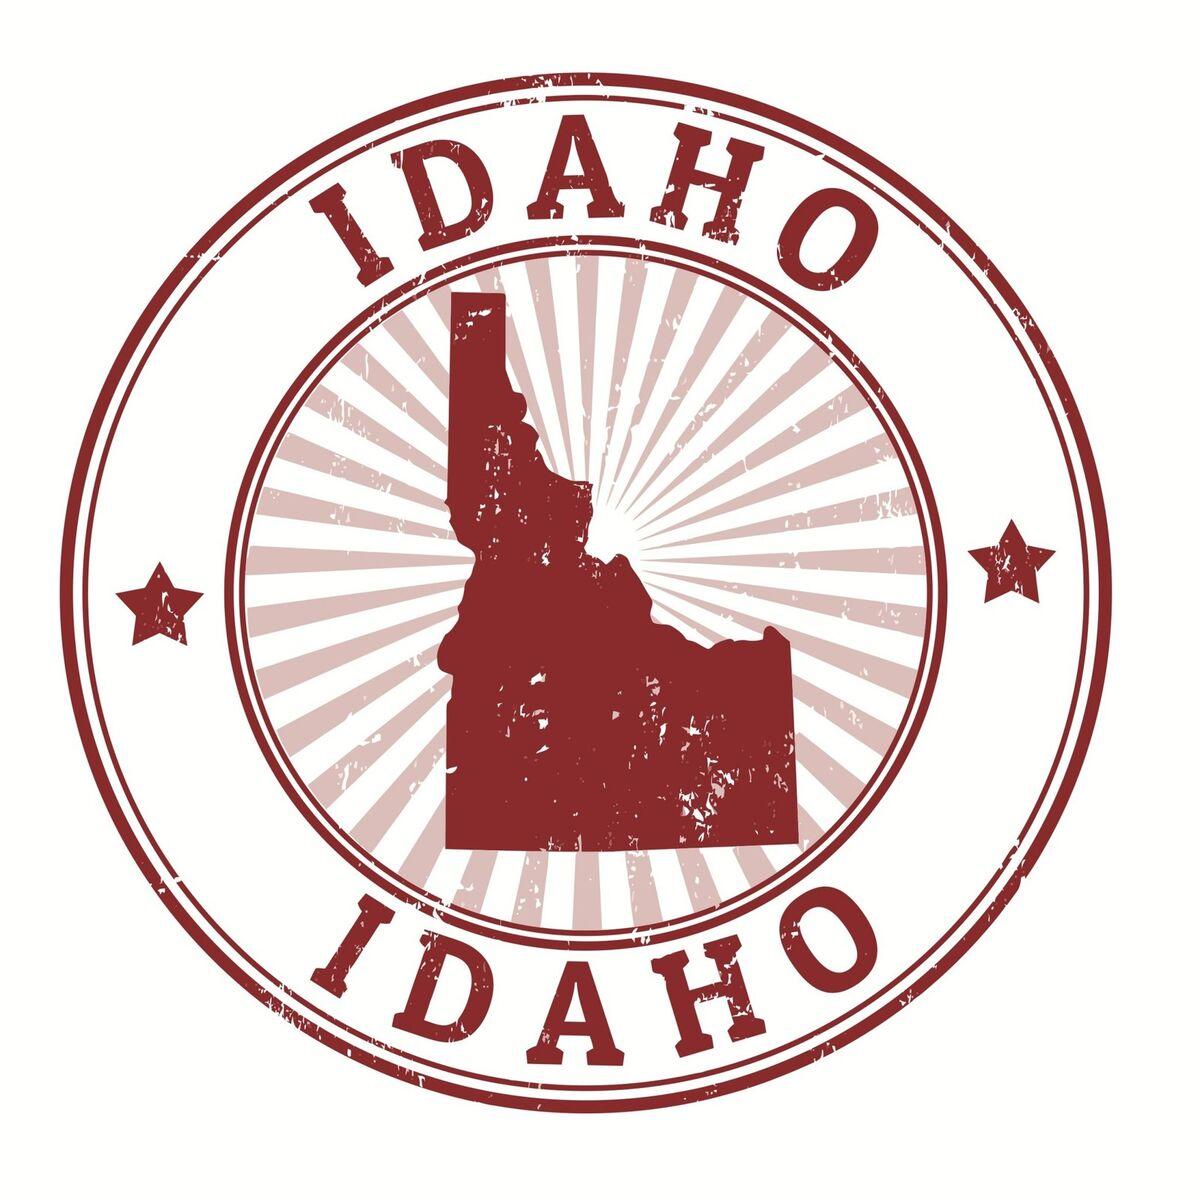 The Idaho Picker